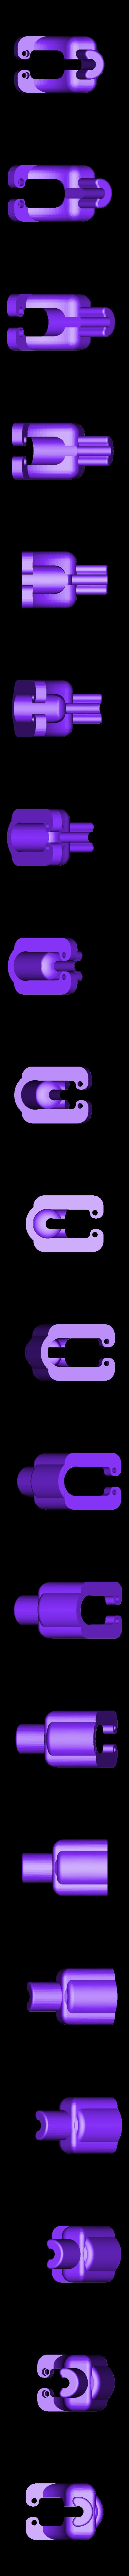 A5_tube_holder_tup.stl Télécharger fichier STL gratuit Support de tube Bowden JG AURORA JG AURORA modernisé A5 • Objet imprimable en 3D, LittleTup